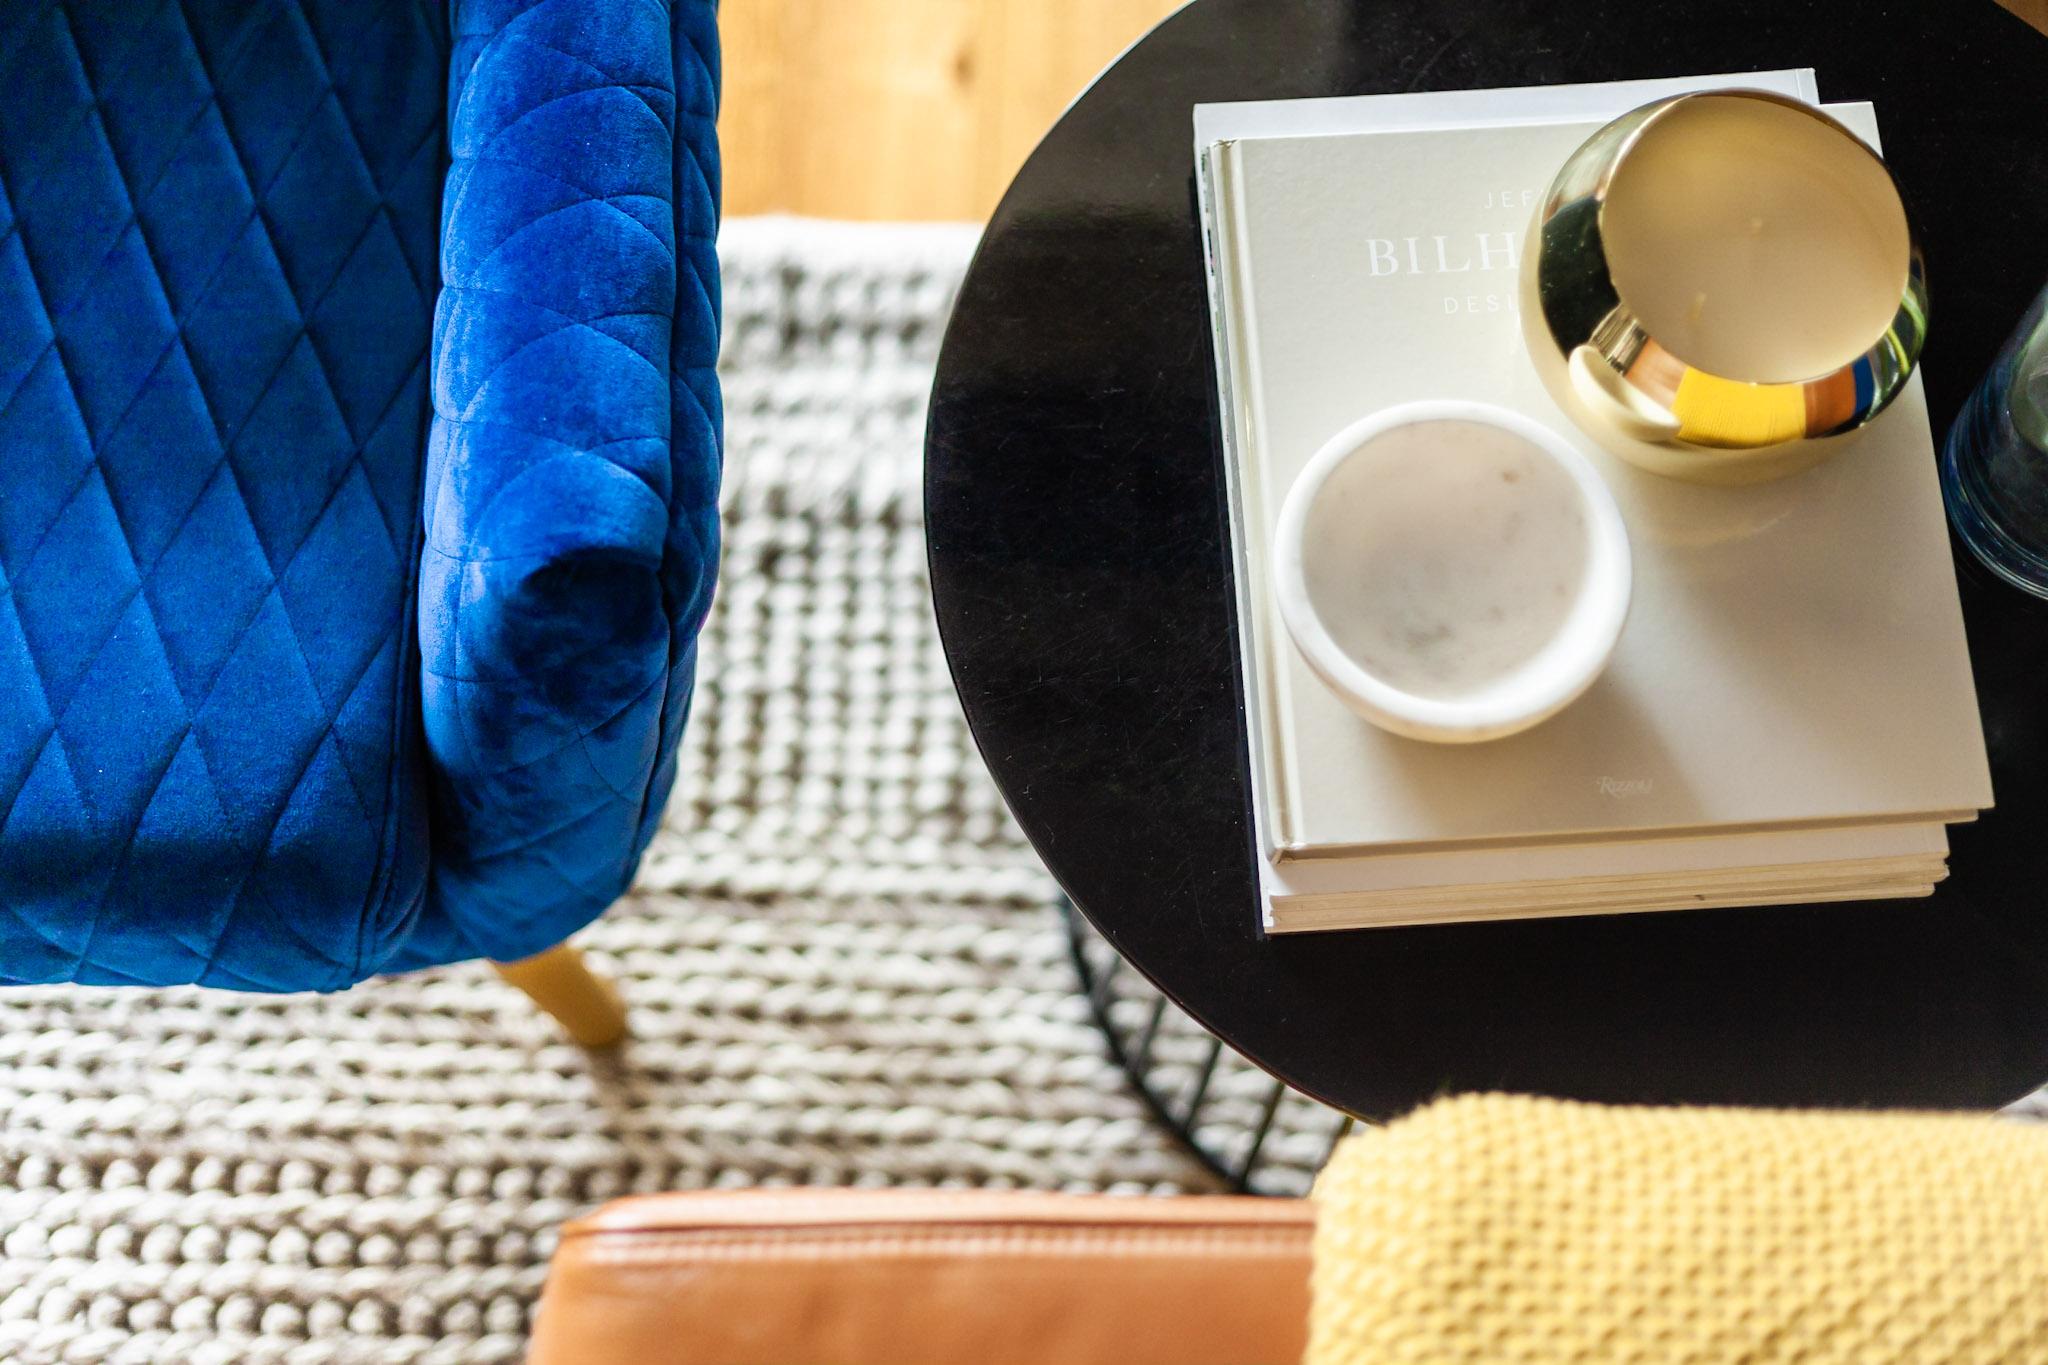 What interior designers do?